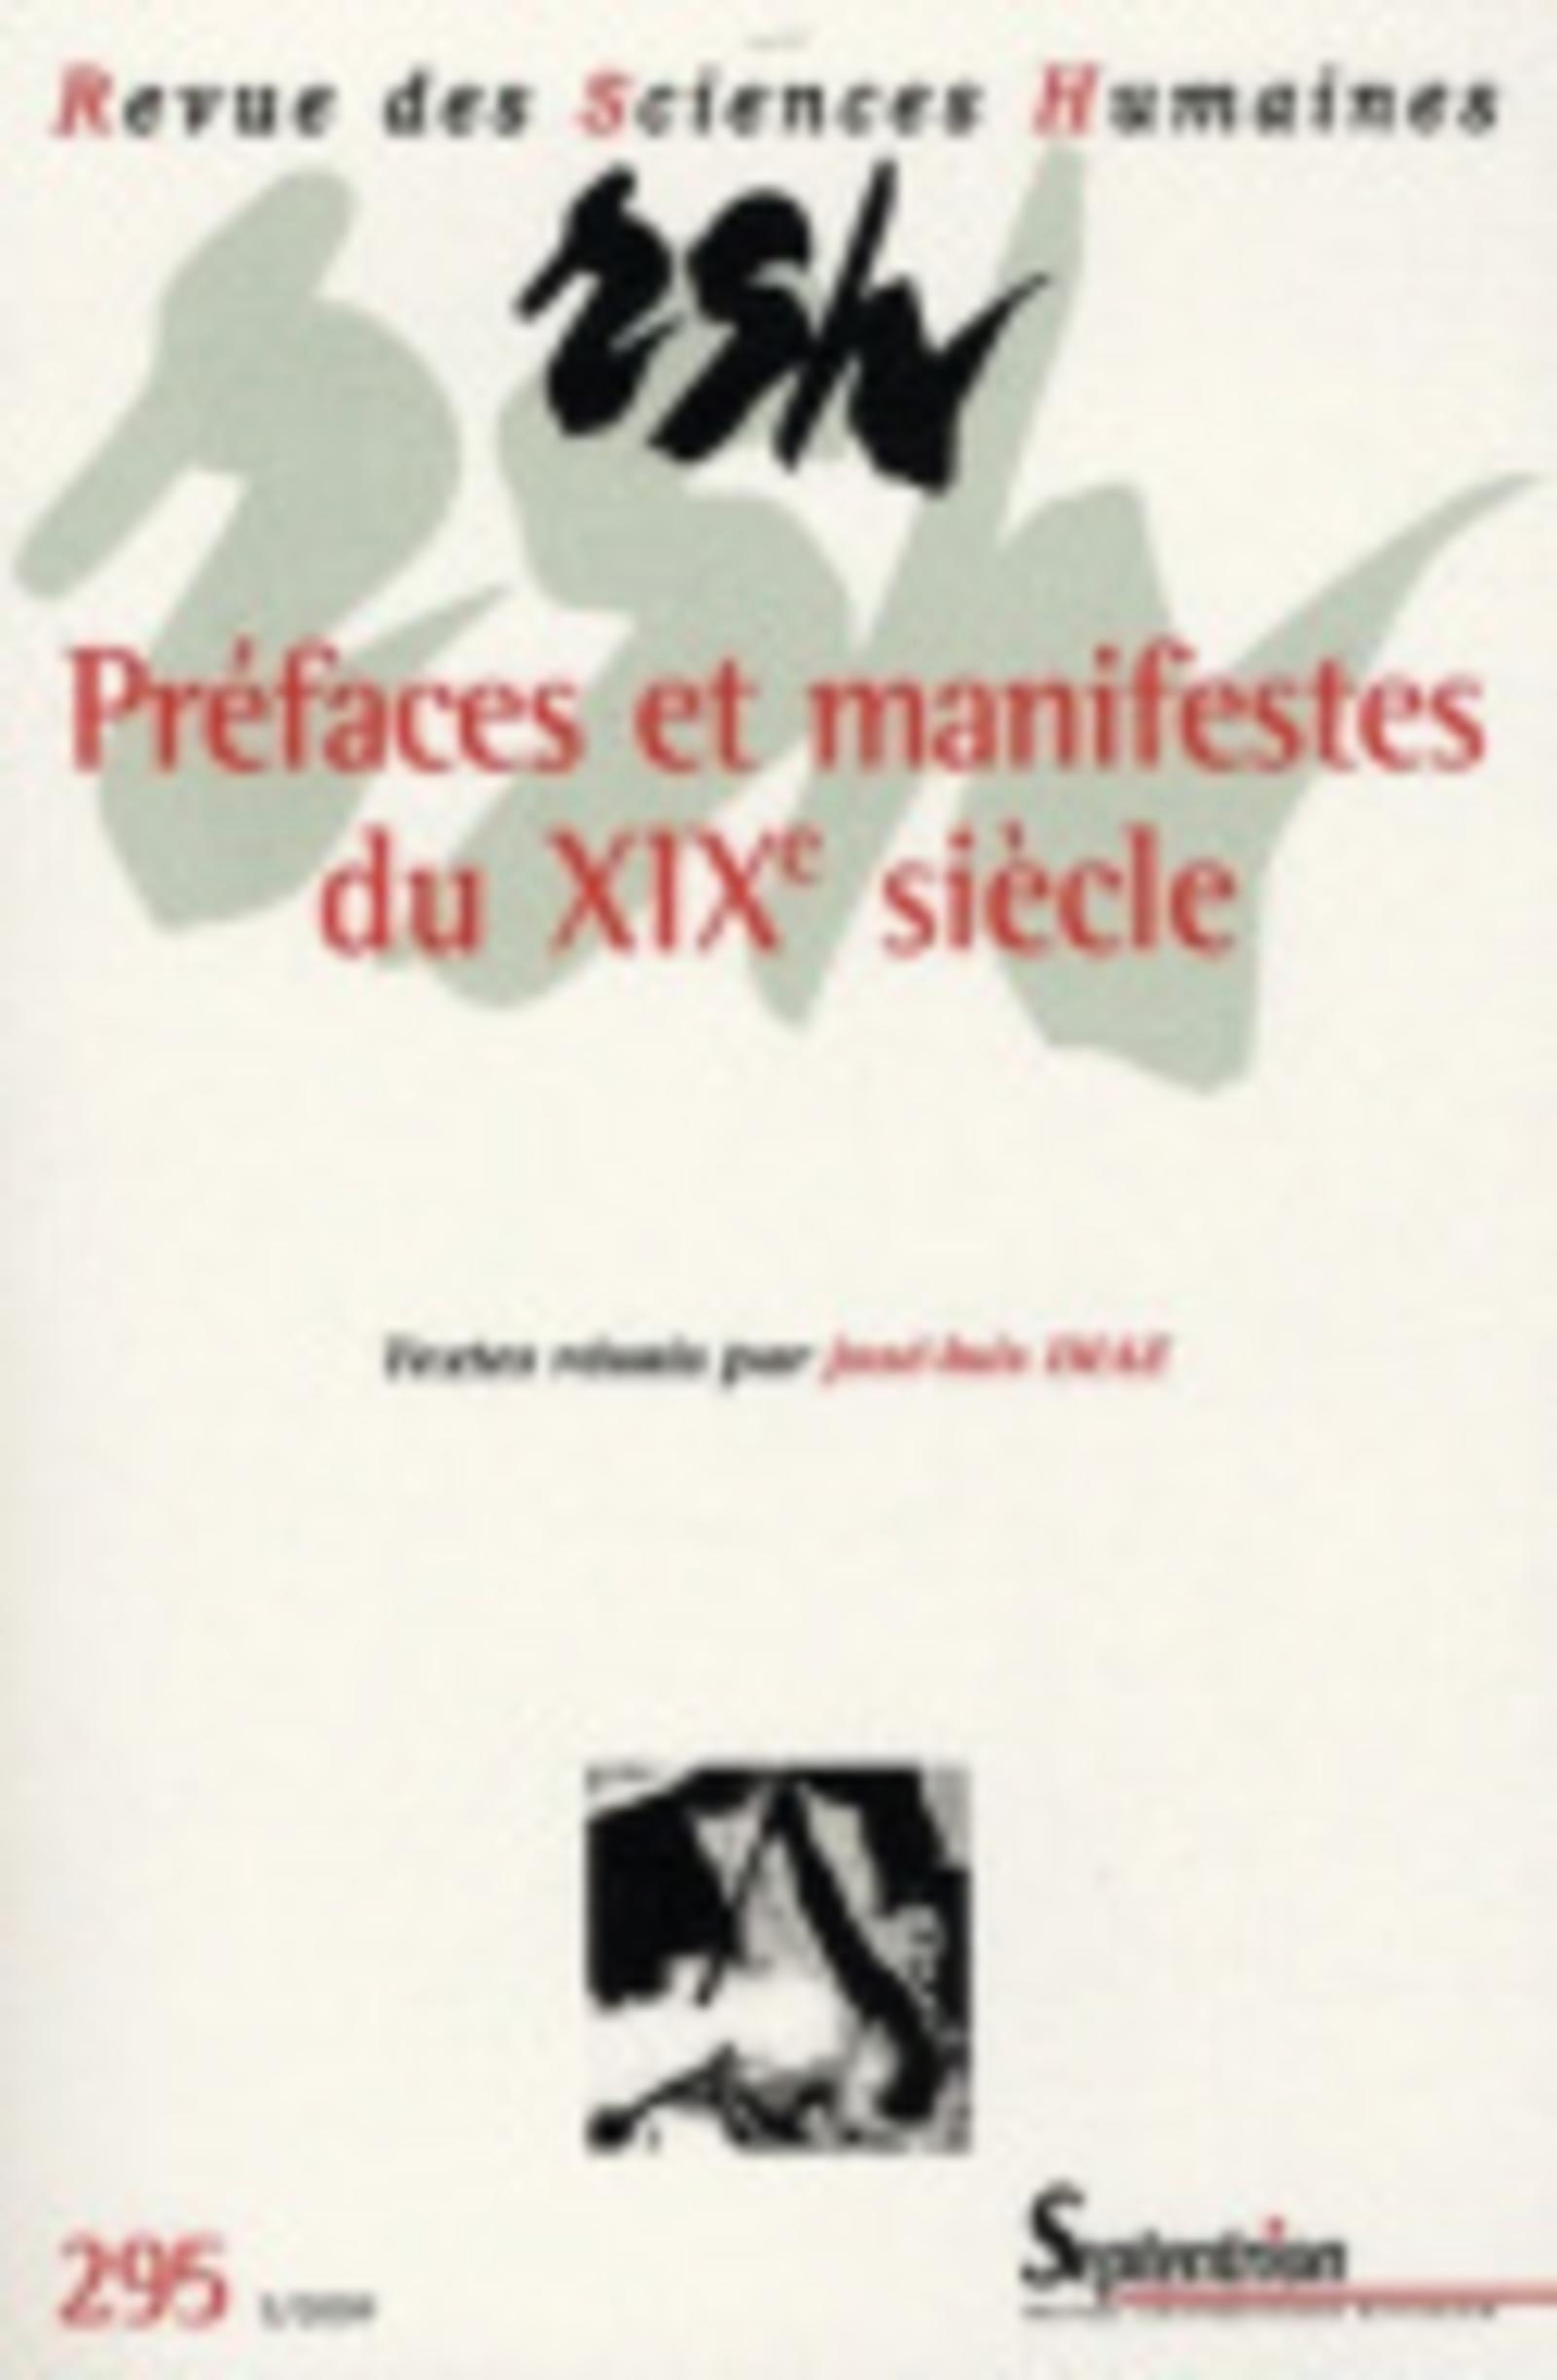 REVUE DES SCIENCES HUMAINES, N 295/JUILLET - SEPTEMBRE 2009 - PREFACES ET MANIFESTES DU XIXE SIECLE